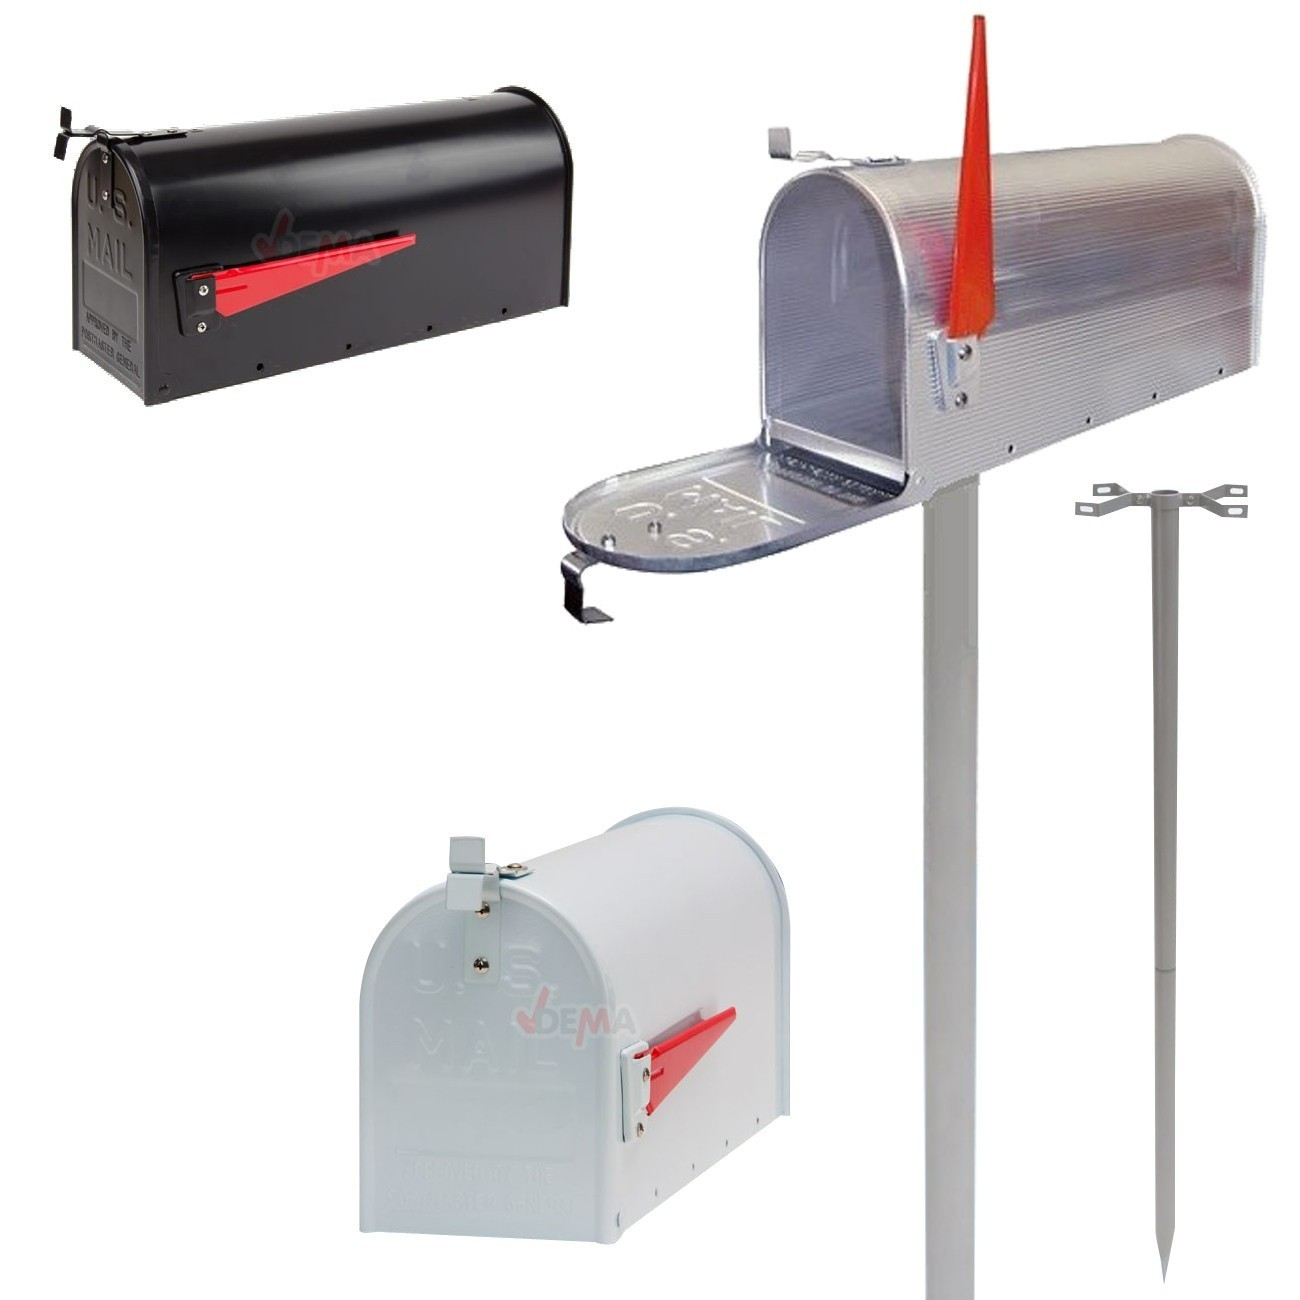 Alu briefkasten us mailbox usa amerika postbox schwarz for American briefkasten